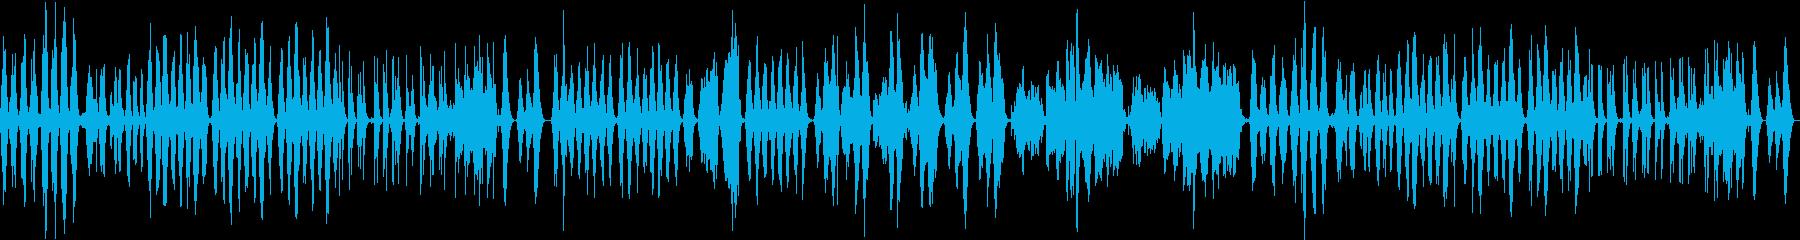 幻想的なアンビエントミュージックの再生済みの波形